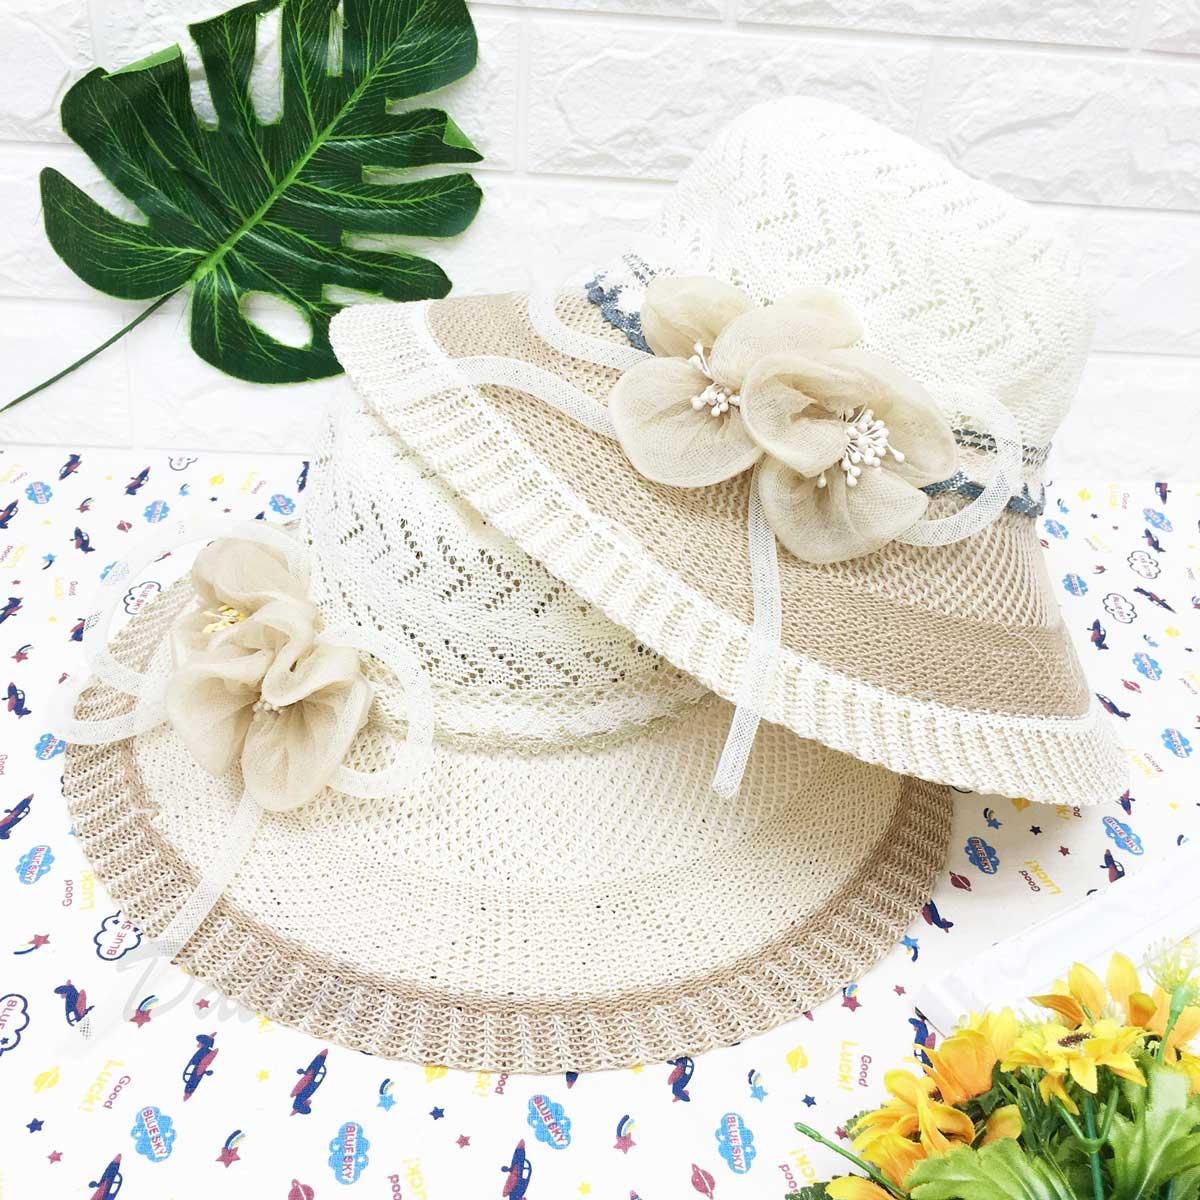 箭頭紋路 編織 漸層 帽沿包邊針織紋路 網紗花朵裝飾 拉繩 帽子 遮陽帽 草帽